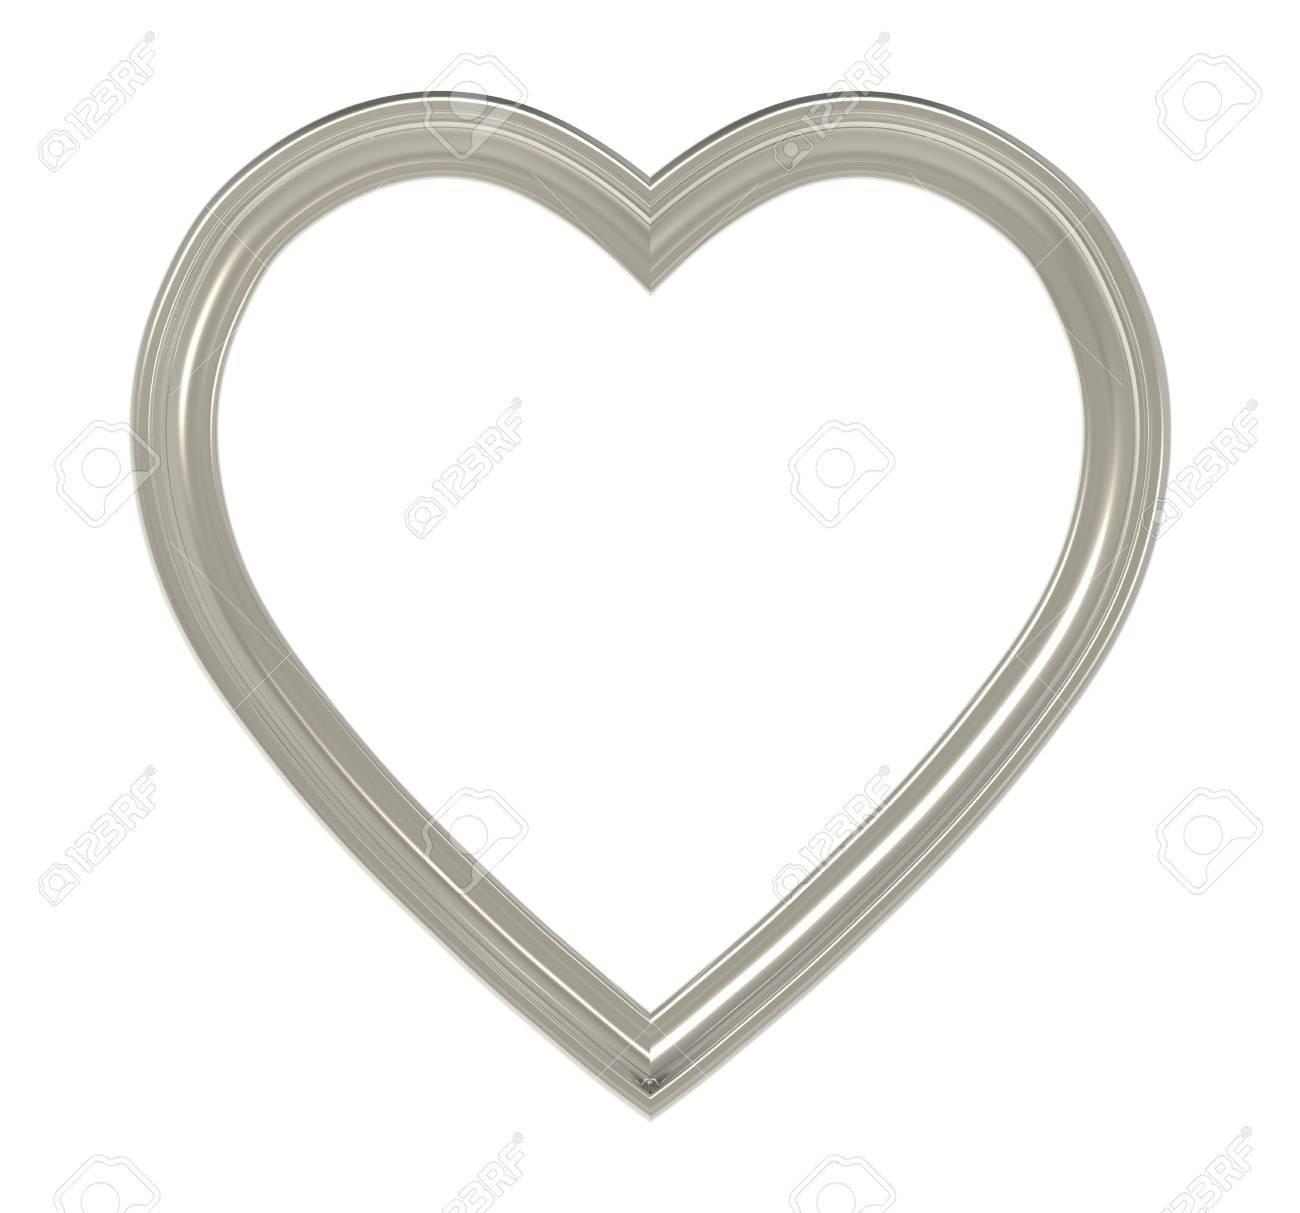 Titanium Herz Bilderrahmen Isoliert Auf Weiß. 3D-Darstellung ...